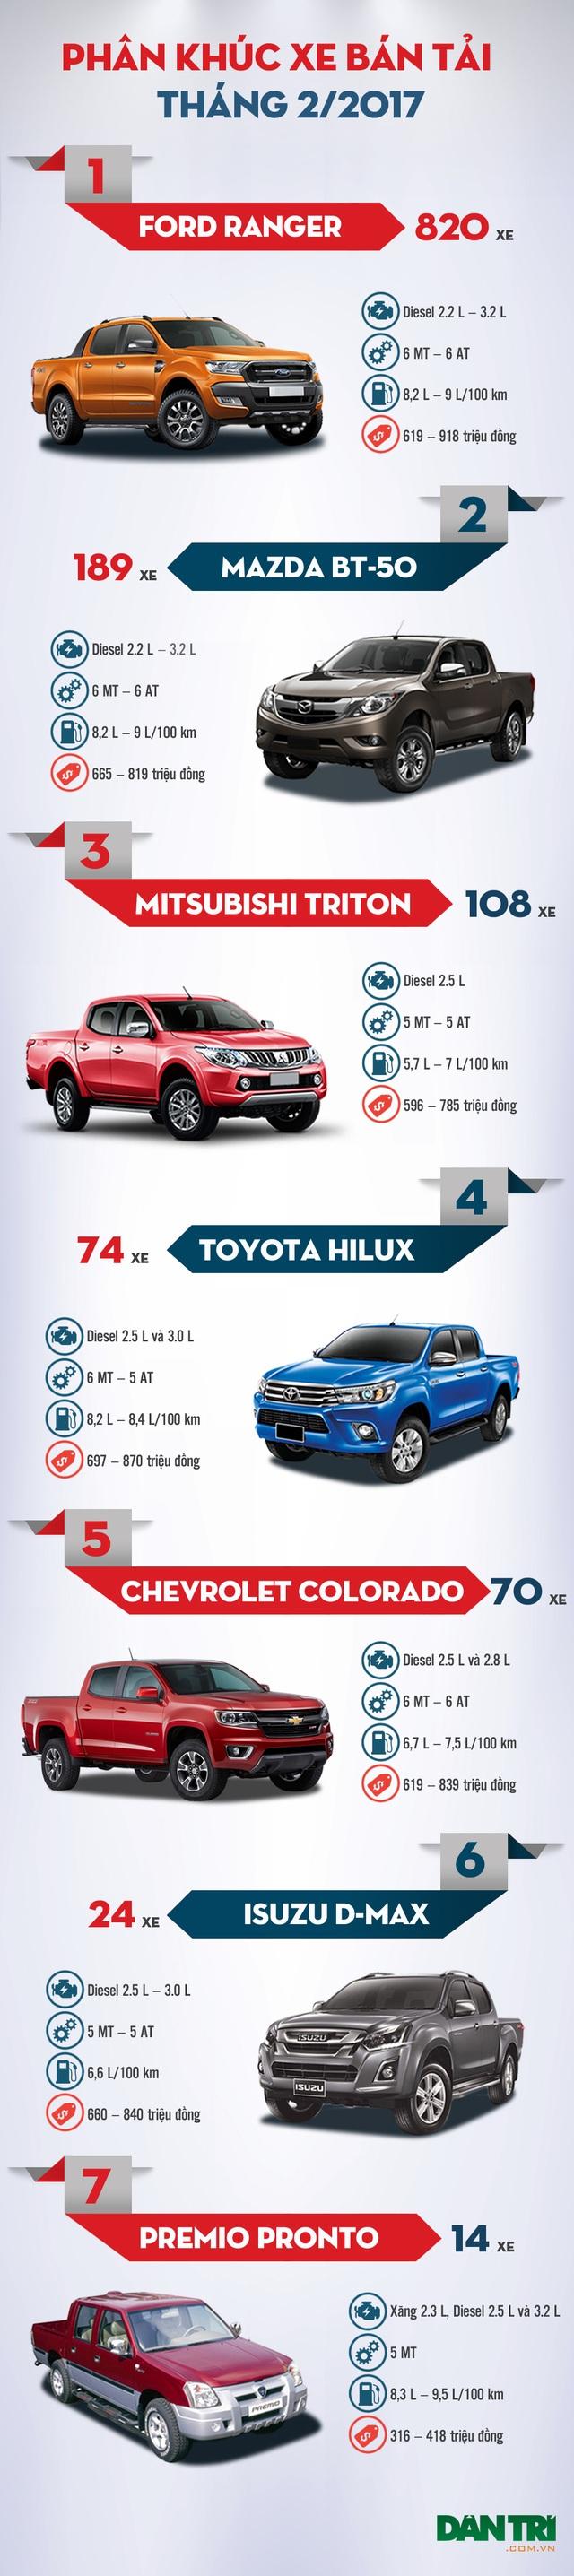 Toyota Hilux so kè cùng Chevrolet Colorado, Mazda BT-50 lấy lại vị trí - 1